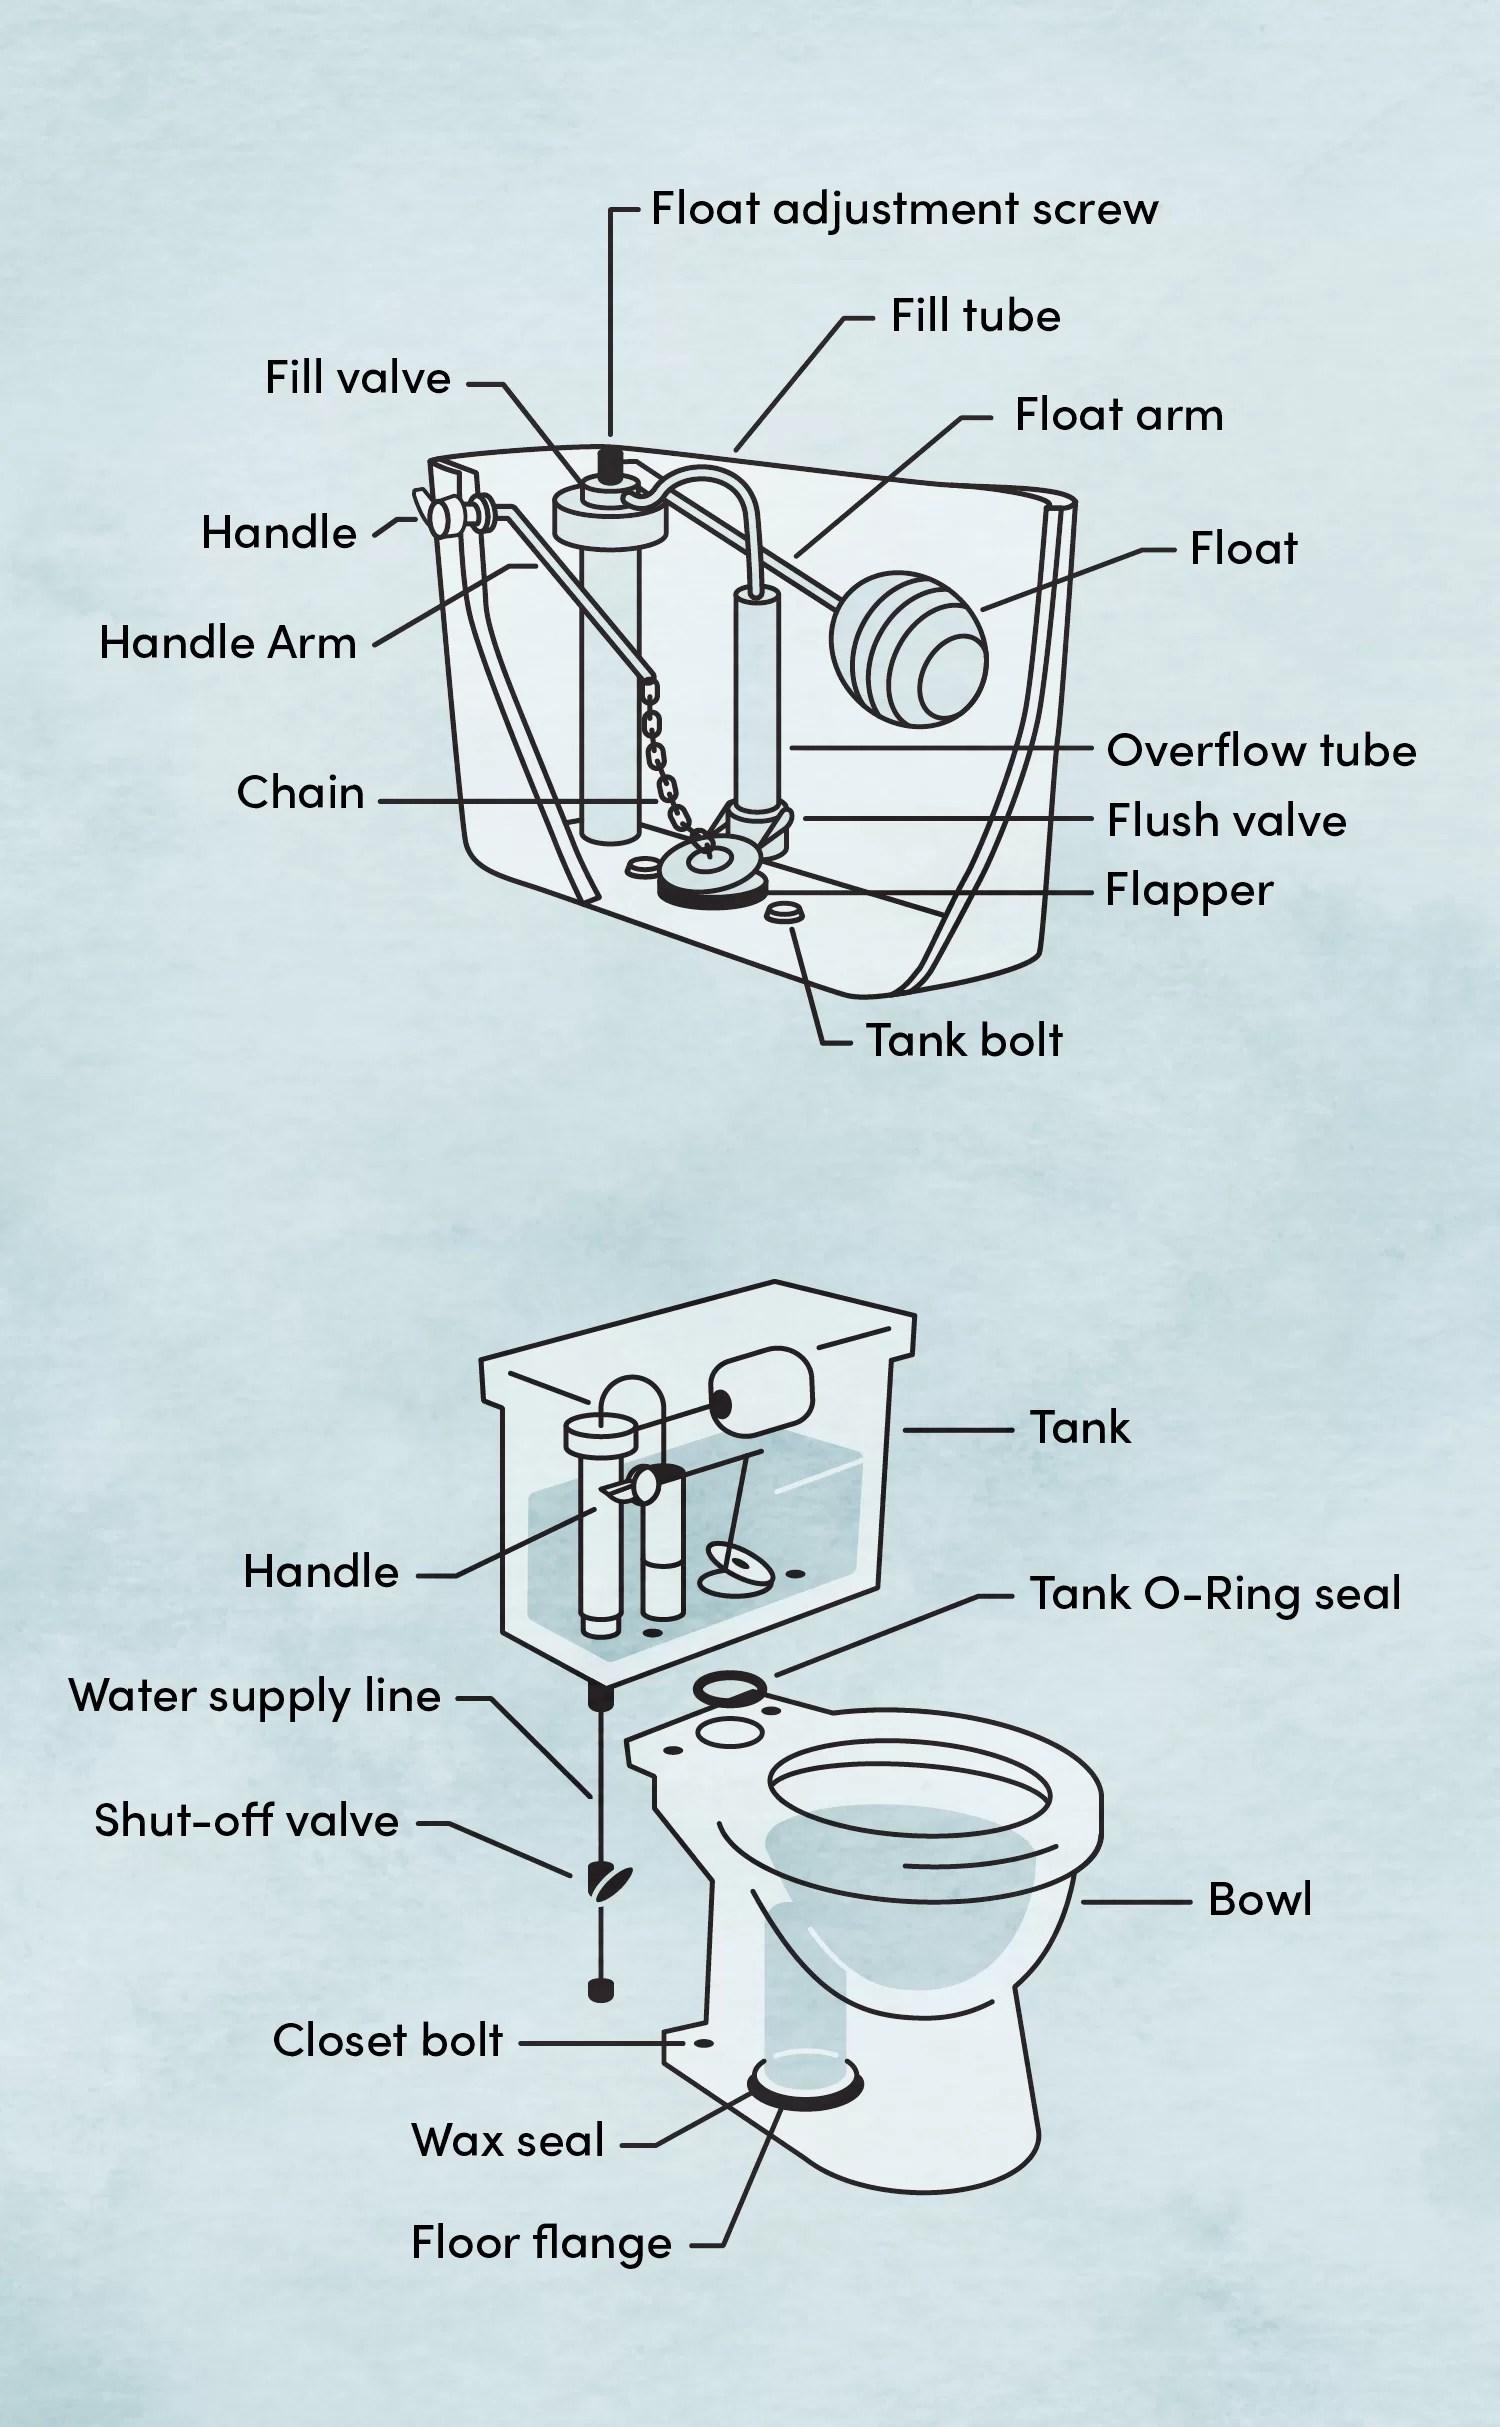 Toilet Tank Parts Diagram : toilet, parts, diagram, Parts, Toilet, Wayfair